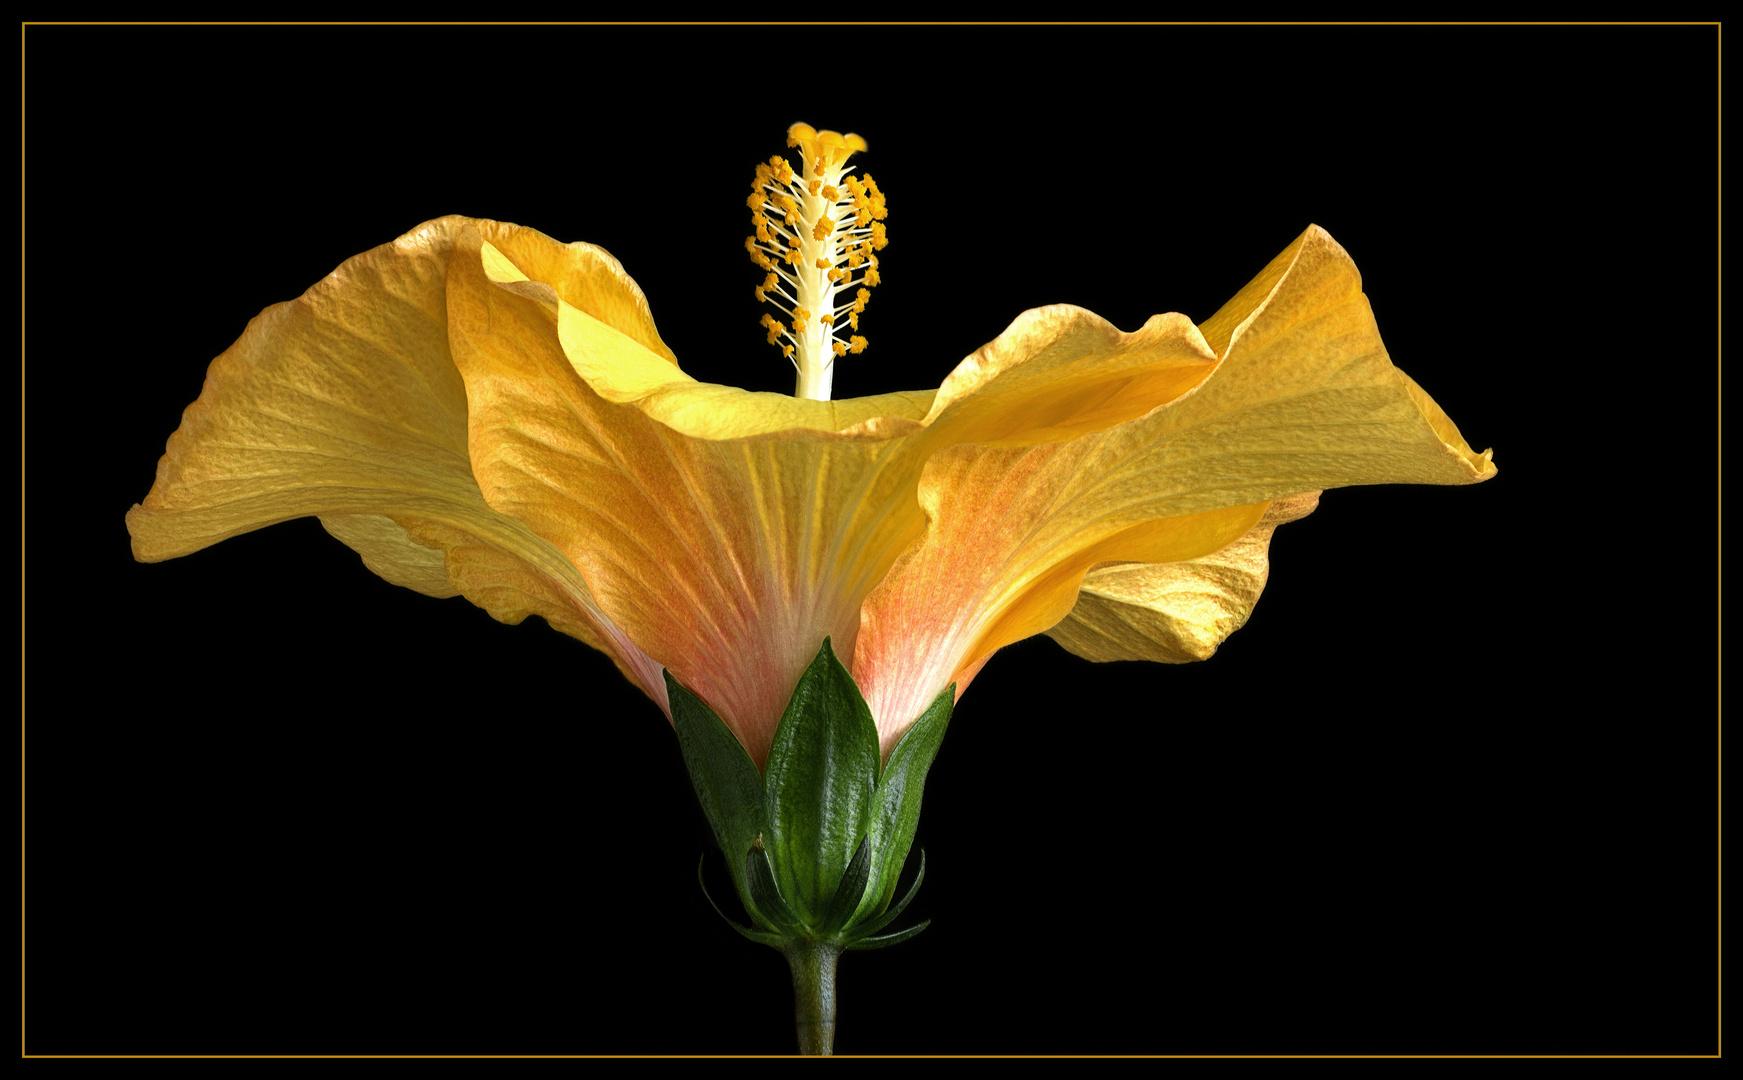 Die Sprache der Blumen wird überall verstanden Foto & Bild ...